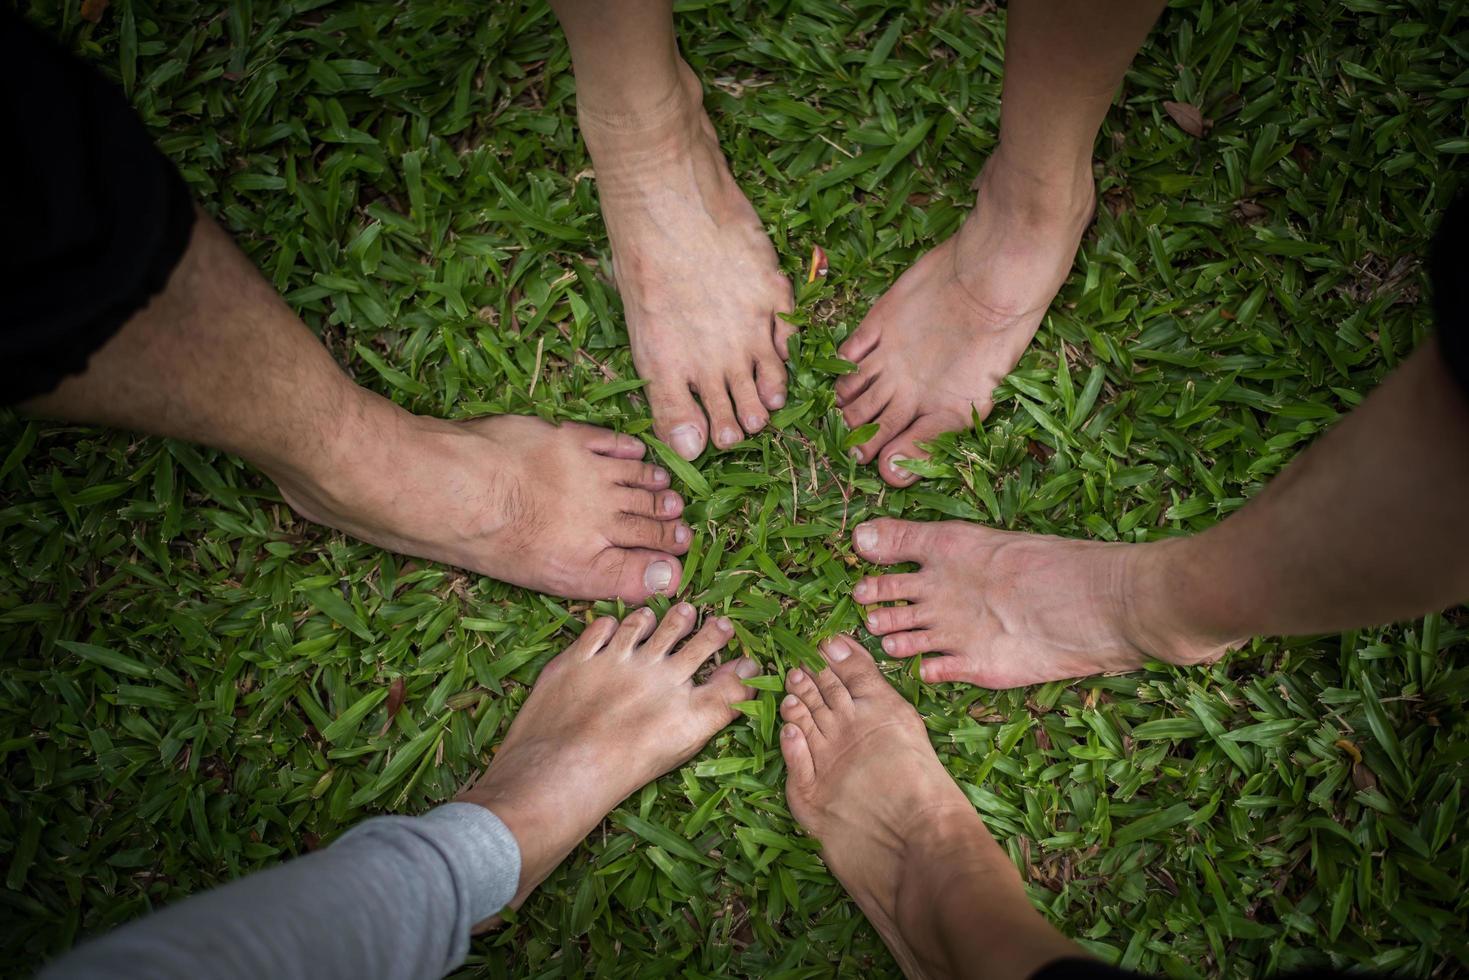 Gruppe von Freunden mit nackten Füßen zusammen foto